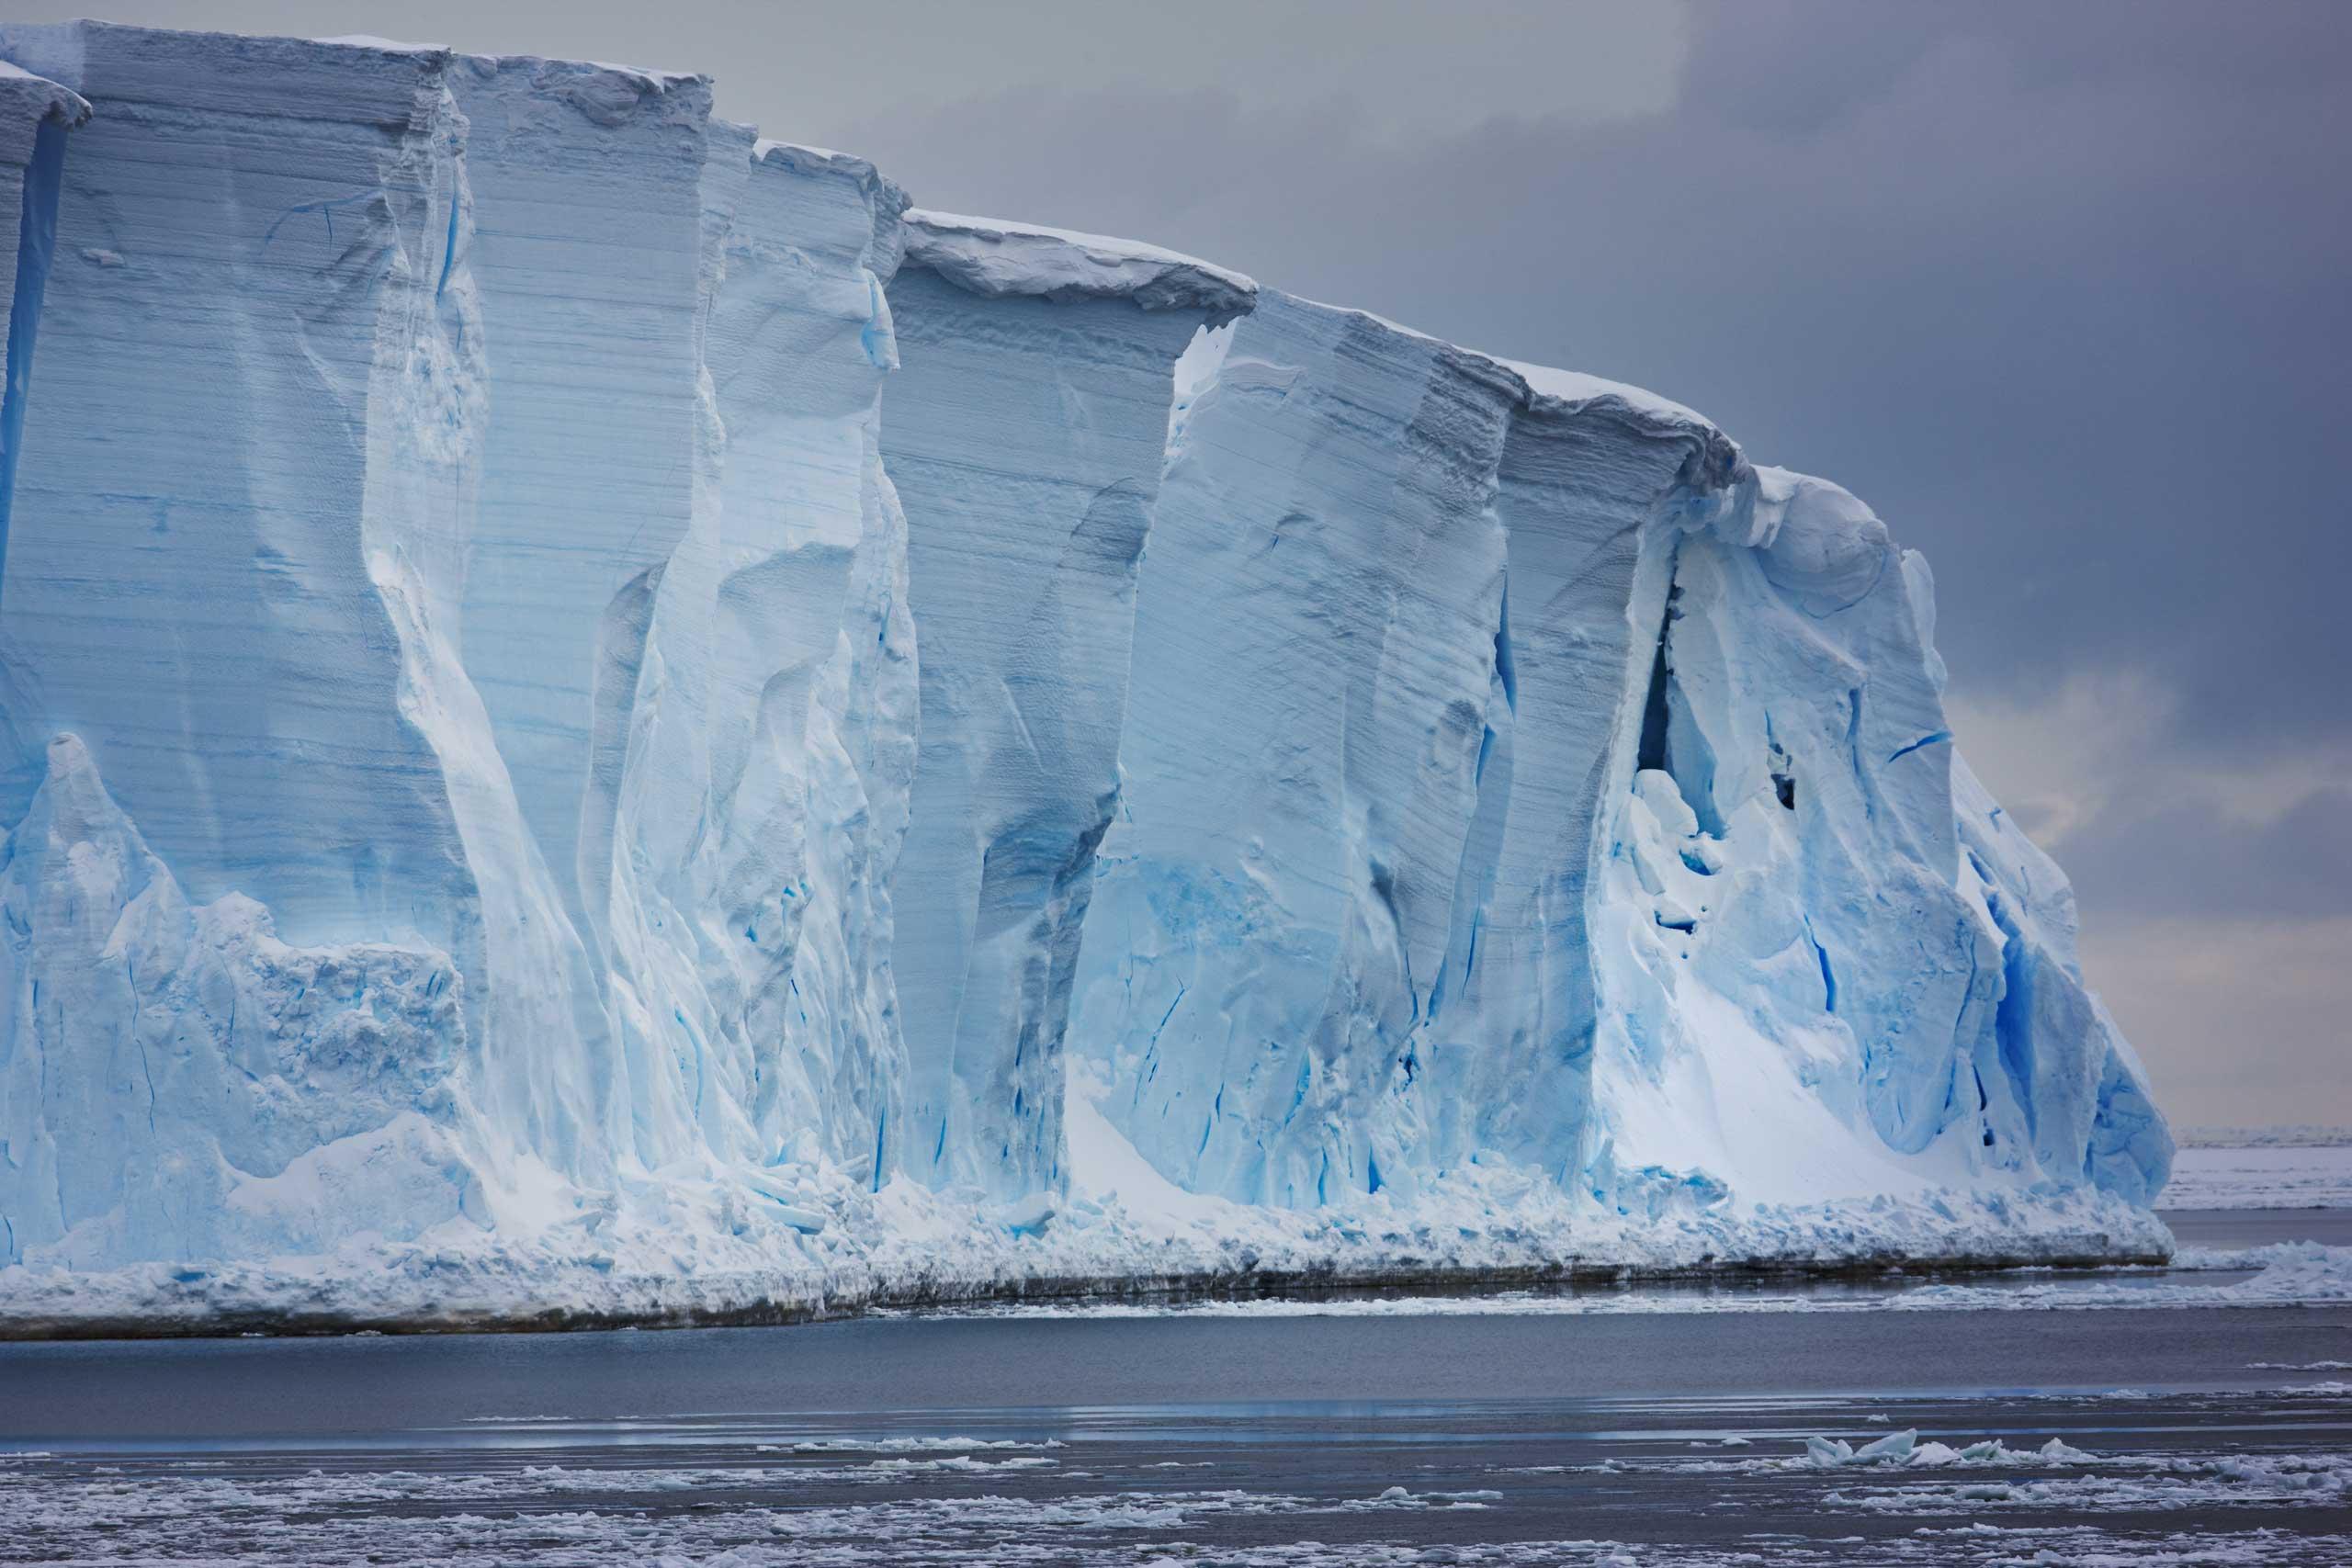 The Ross Ice Shelf in Antarctica